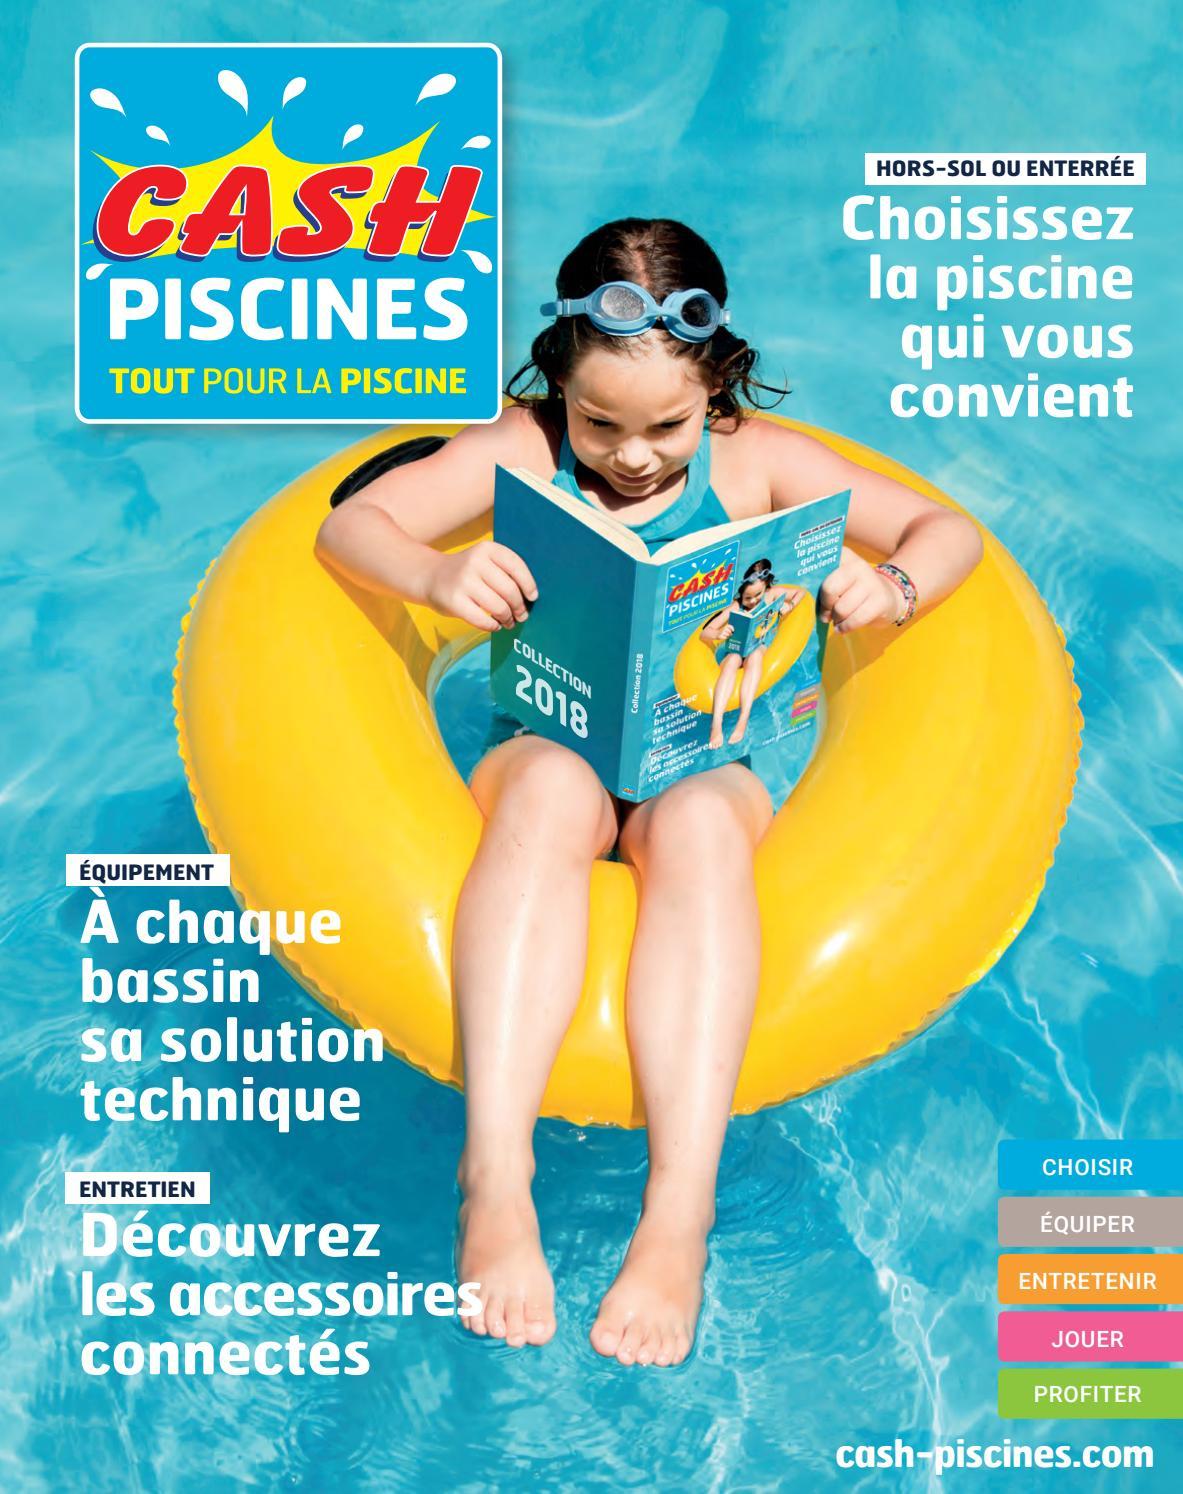 Catalogue Cash Piscine 2018 By Octave Octave - Issuu tout Cash Piscine Narbonne